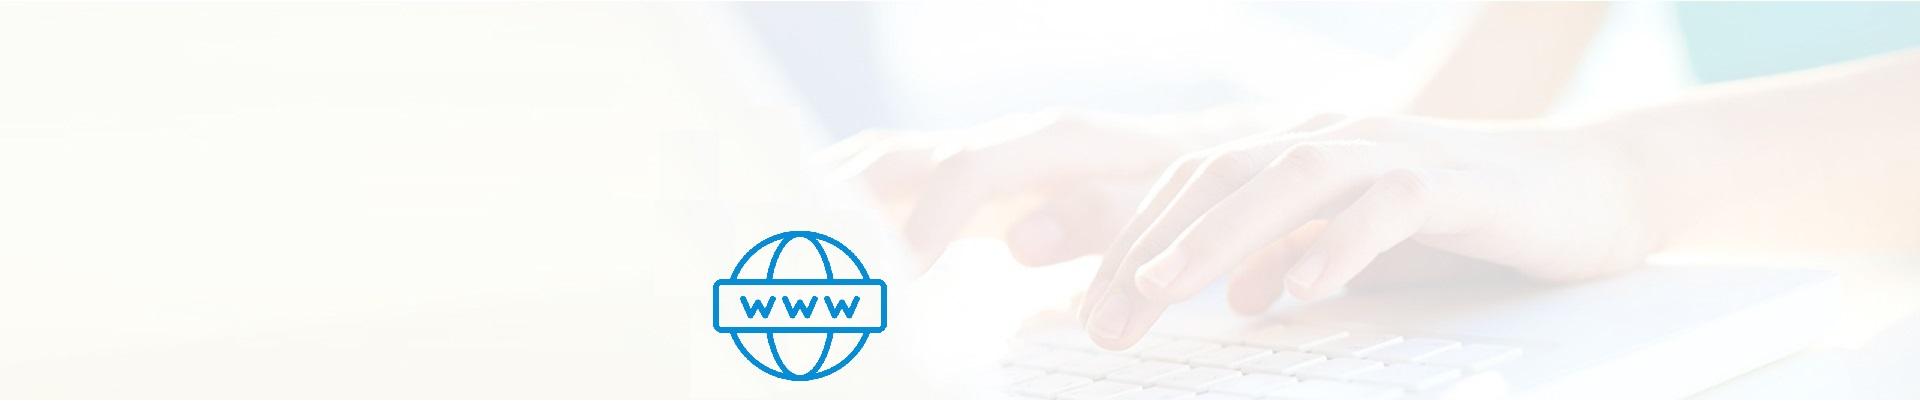 קורס מבוא למפתחי WEB